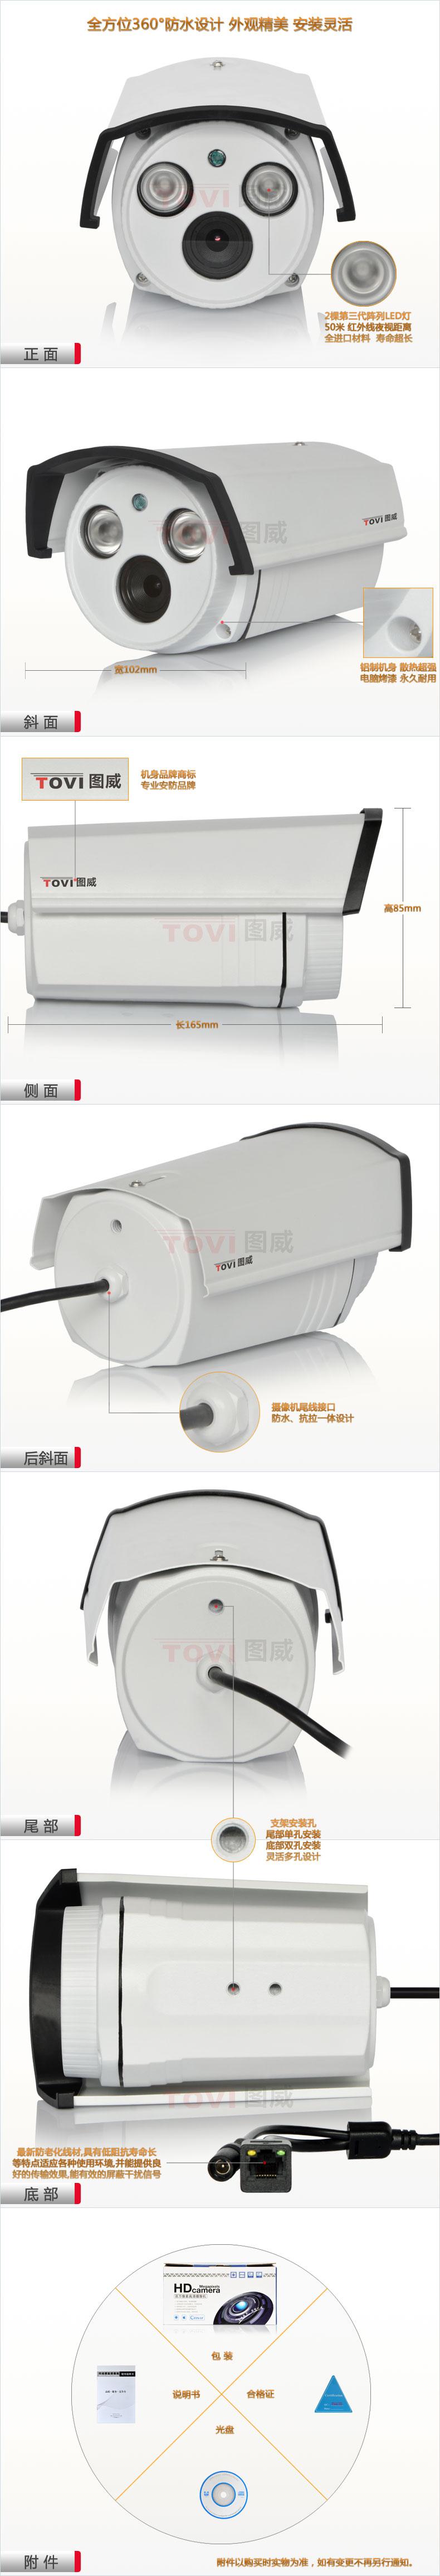 图威TV-CC6020-IT5红外防水网络摄像机产品展示